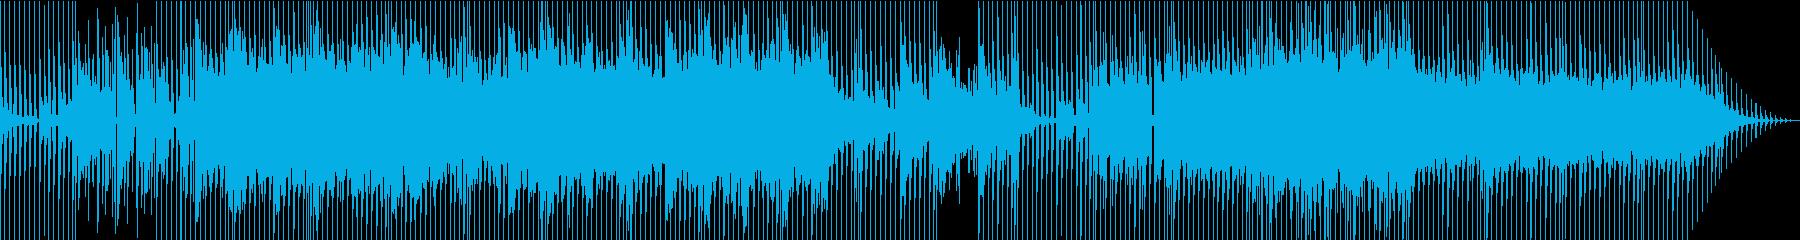 Alpha-Libraの再生済みの波形